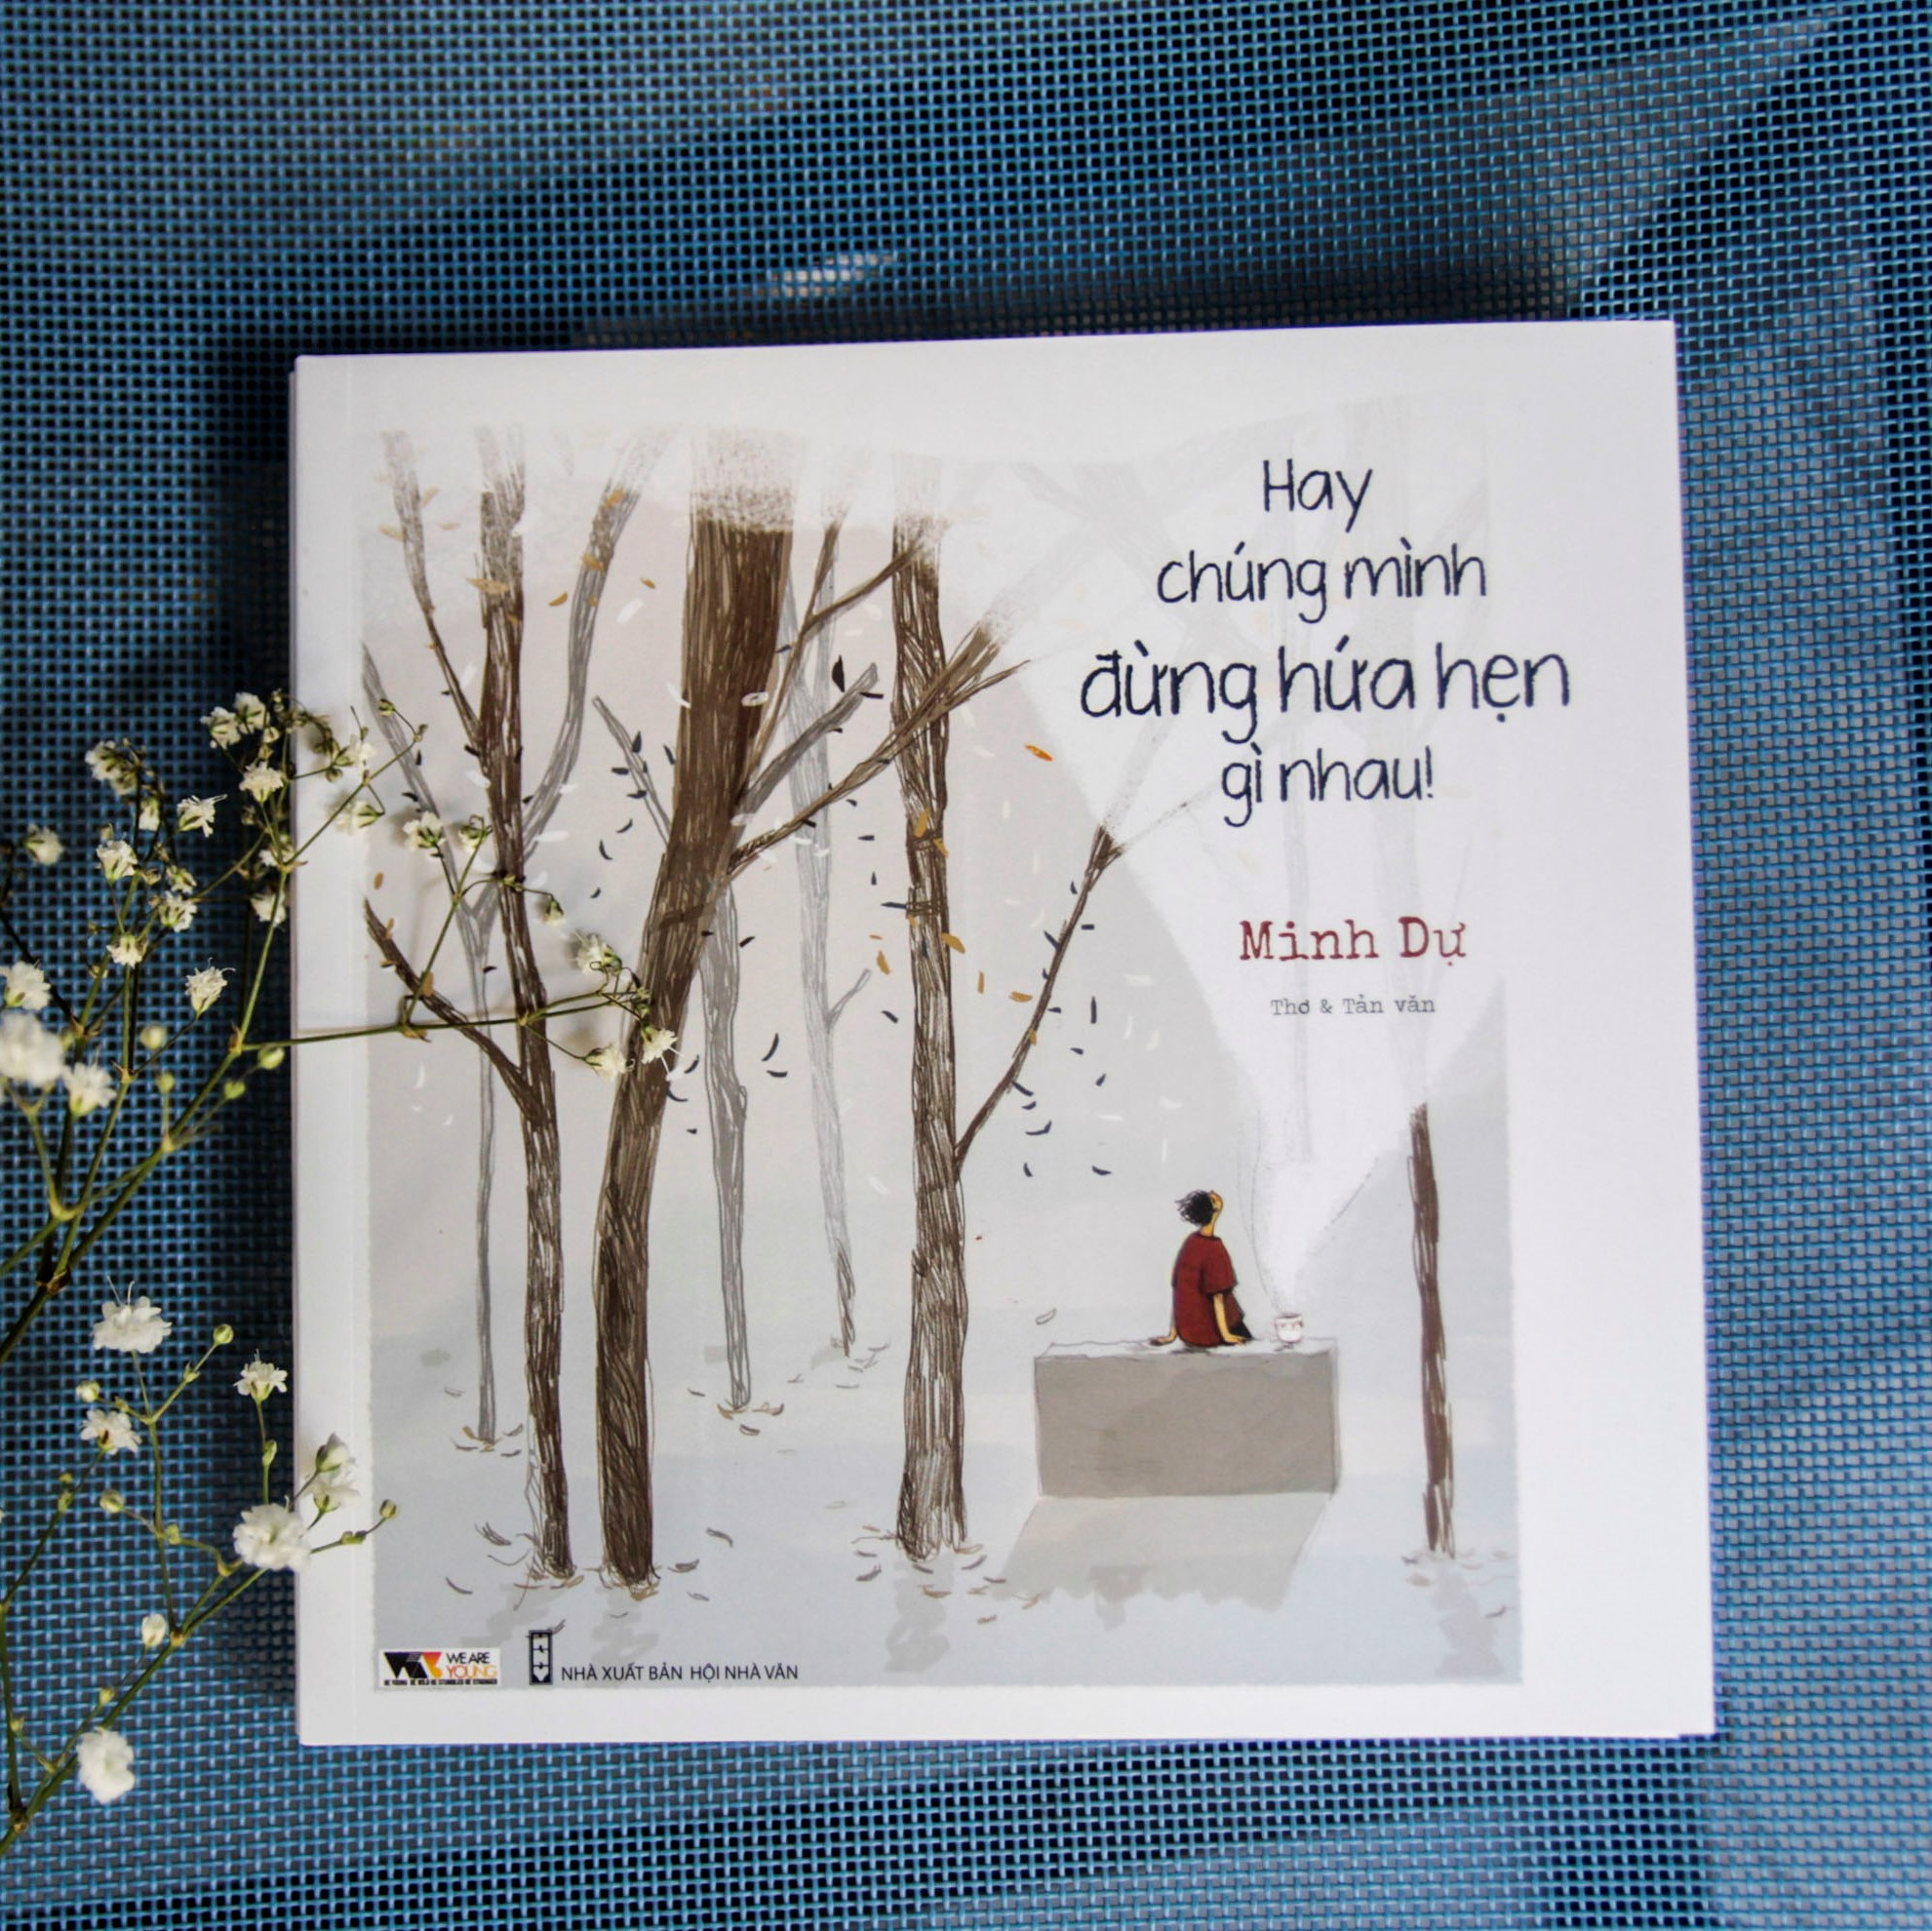 Combo 2 cuốn:  Những Năm Tháng Đó Có Tôi Yêu Người + Hay Chúng Mình Đừng Hứa Hẹn Gì Nhau